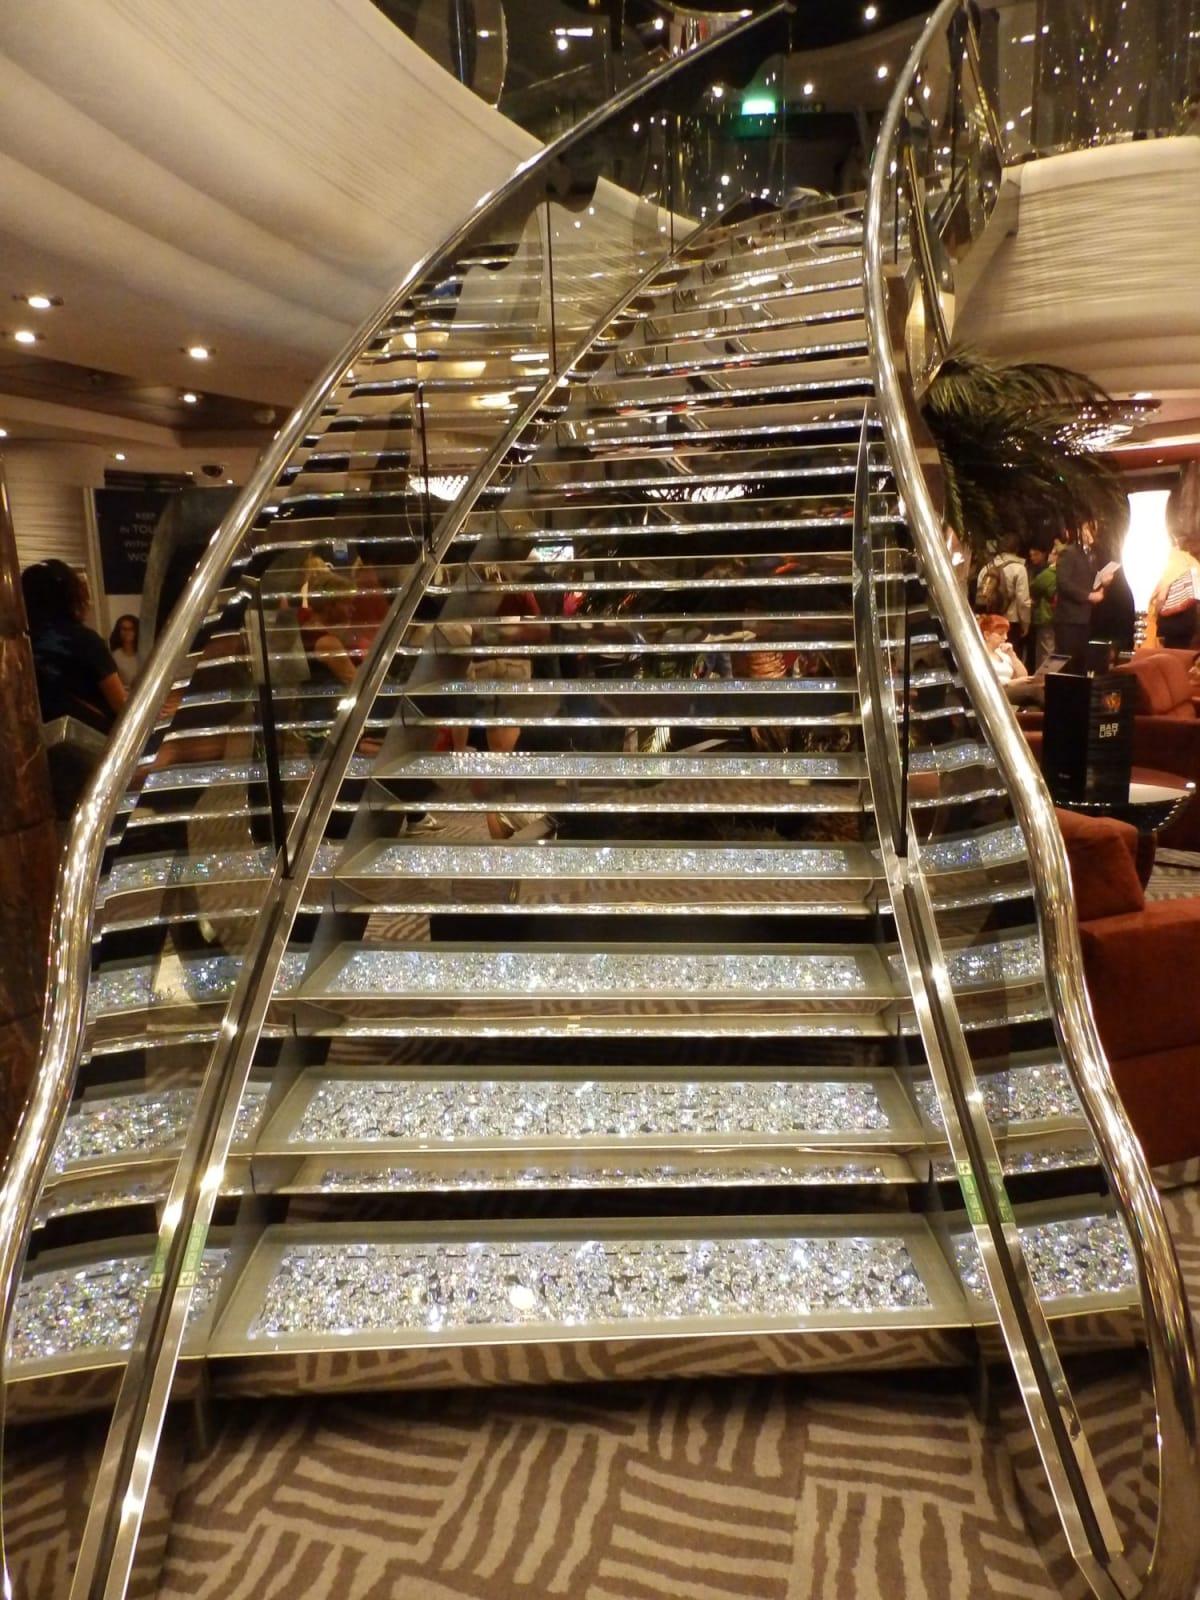 先月のコスタは南イタリアの華やかさ! MSCは北イタリアのシックでエレガンスなインテリア😜どちらもステキ🤗 アトリュームのスワロフスキーをちりばめた階段はフォーマルナイトでおめかししてのオシャレなフォトスポット💃